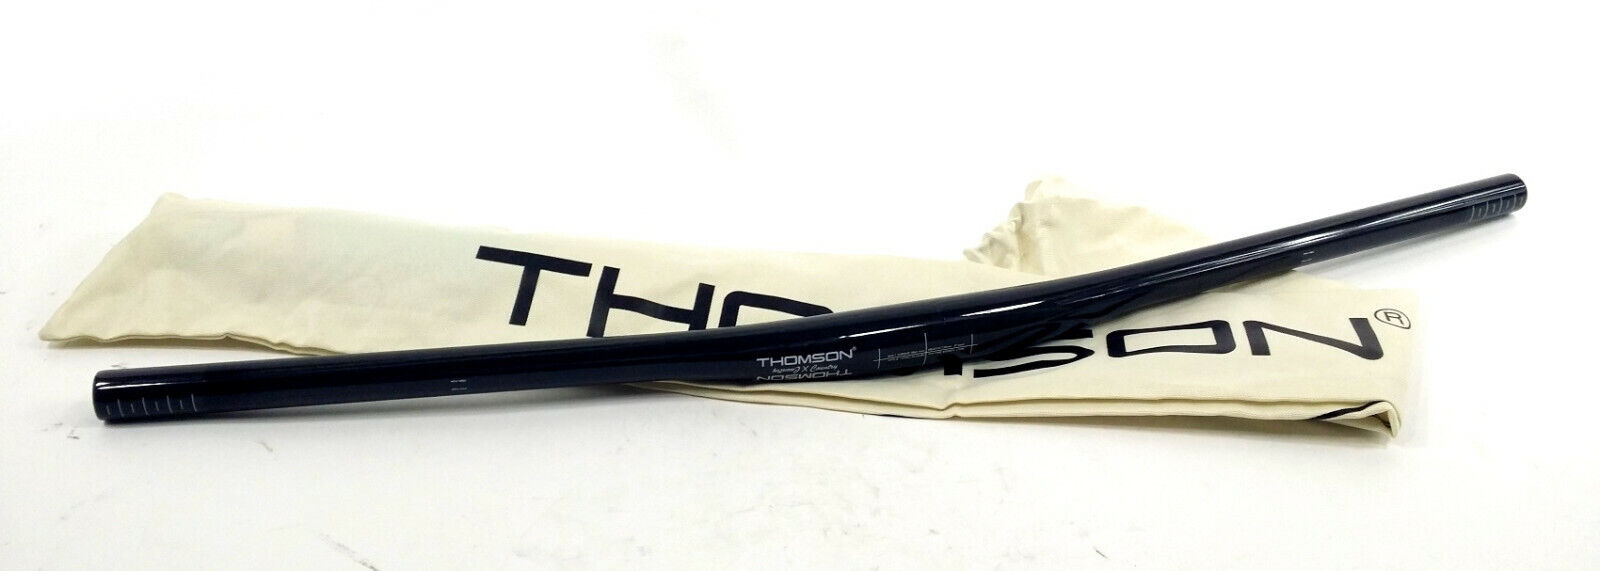 Thomson Bicicleta de montaña de carbono Cross Country Manillar 730mm 8 grados Sweep 31.8